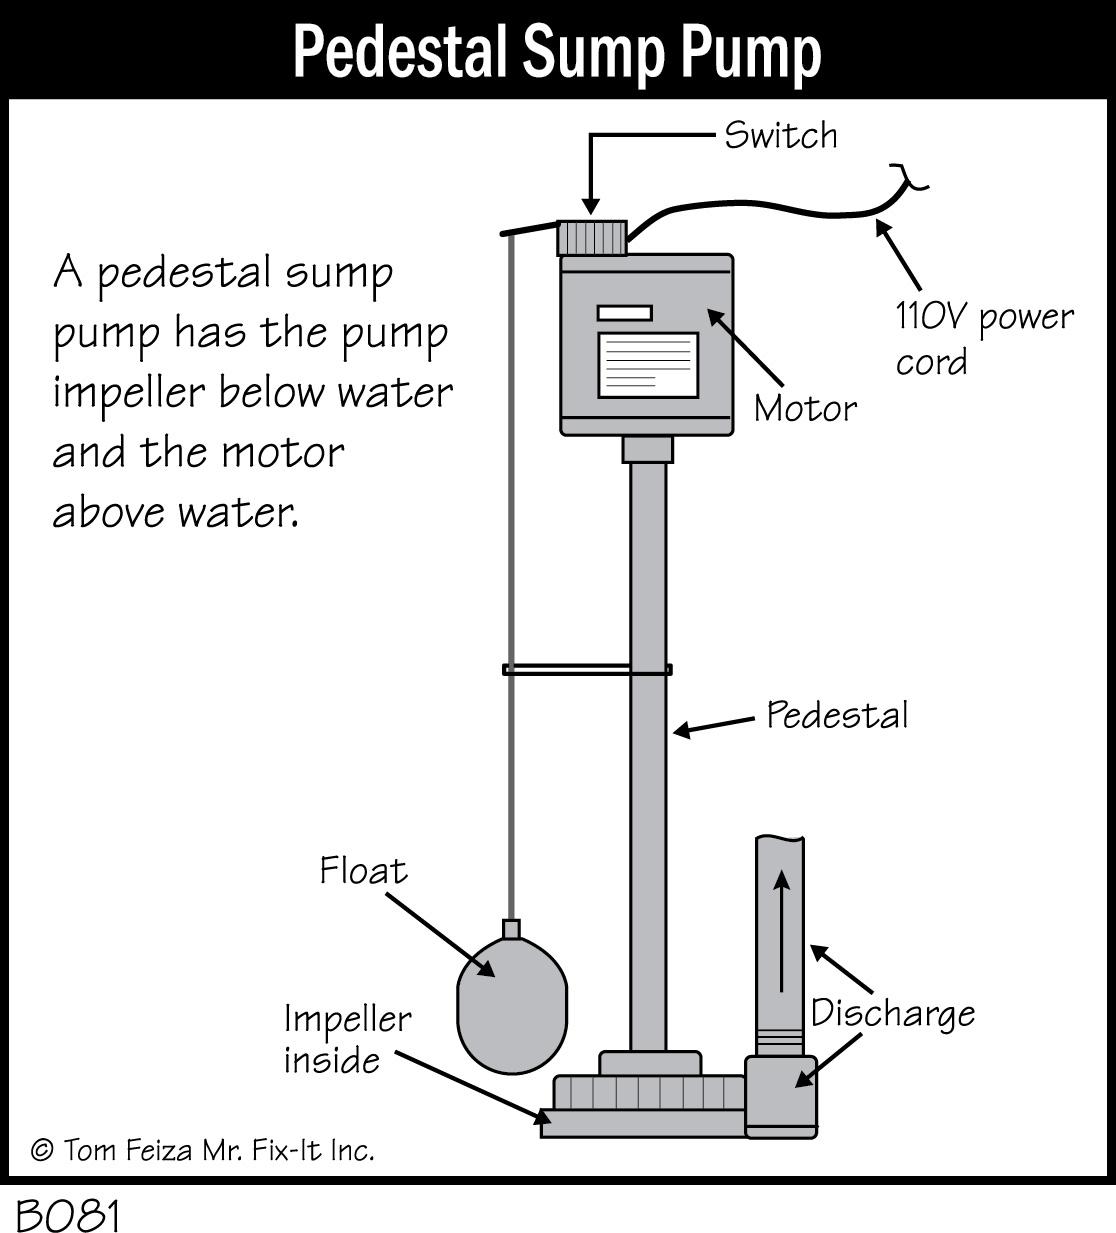 B081 Pedestal Sump Pump